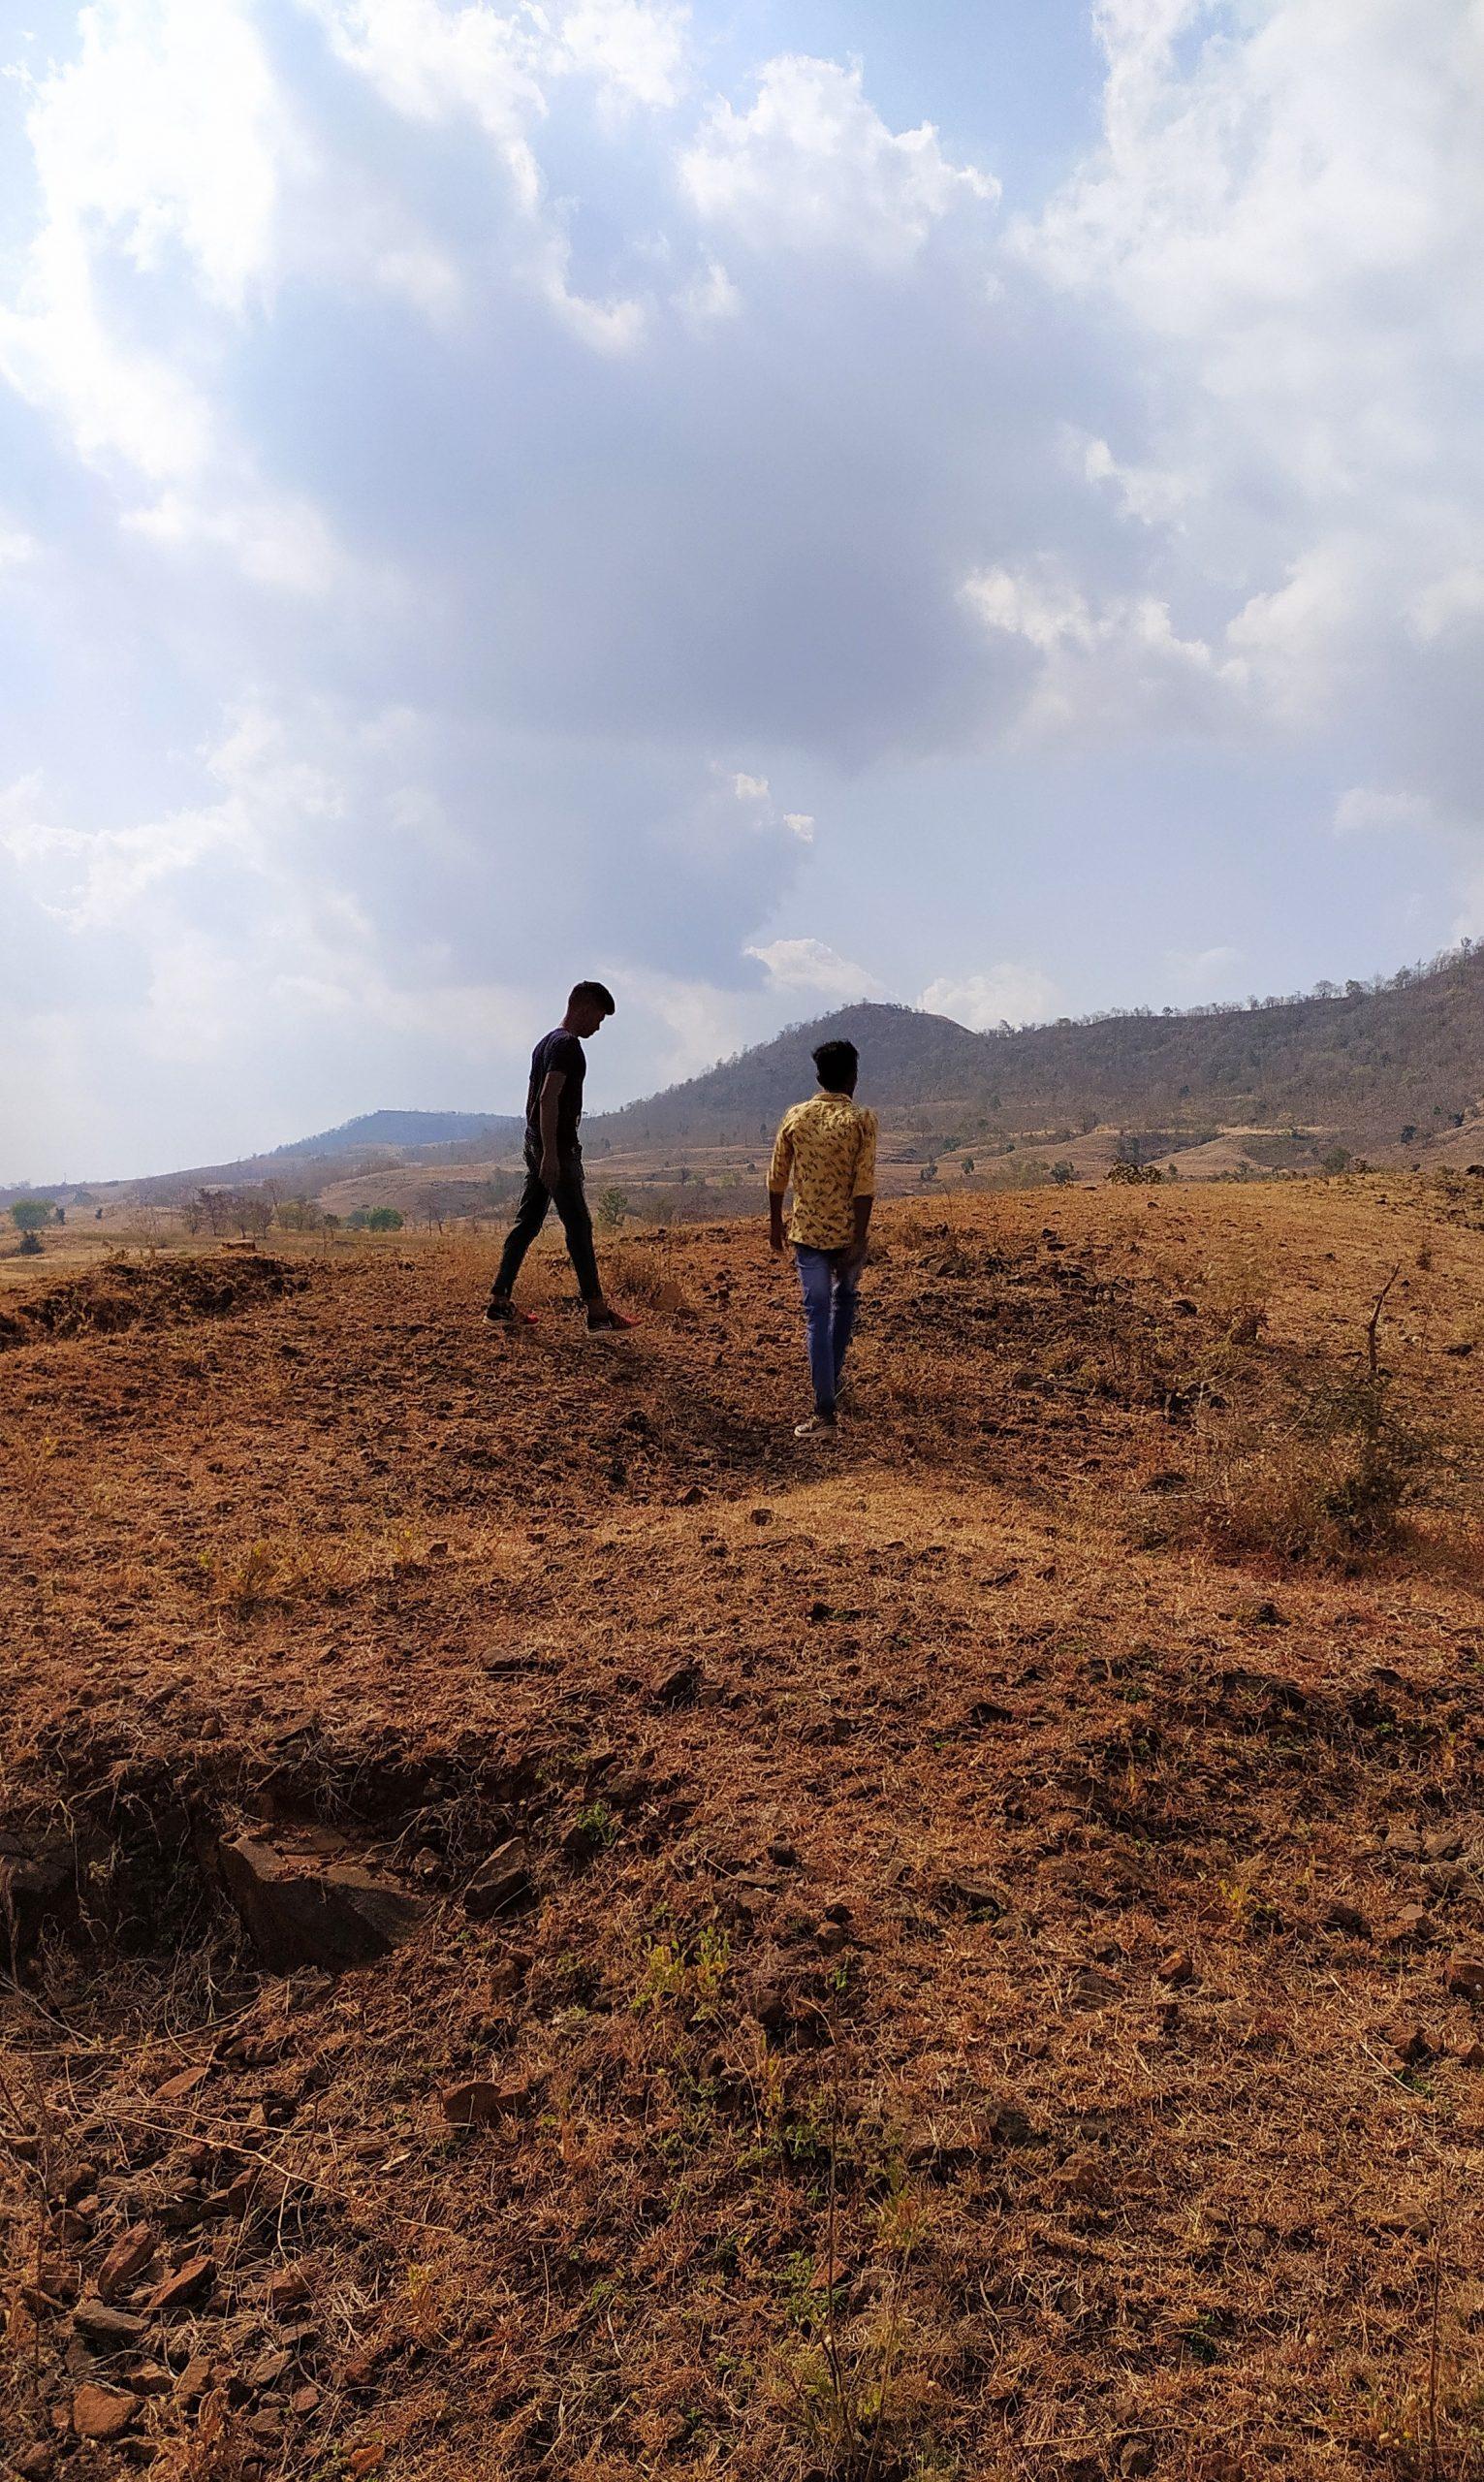 Boys at mountain top